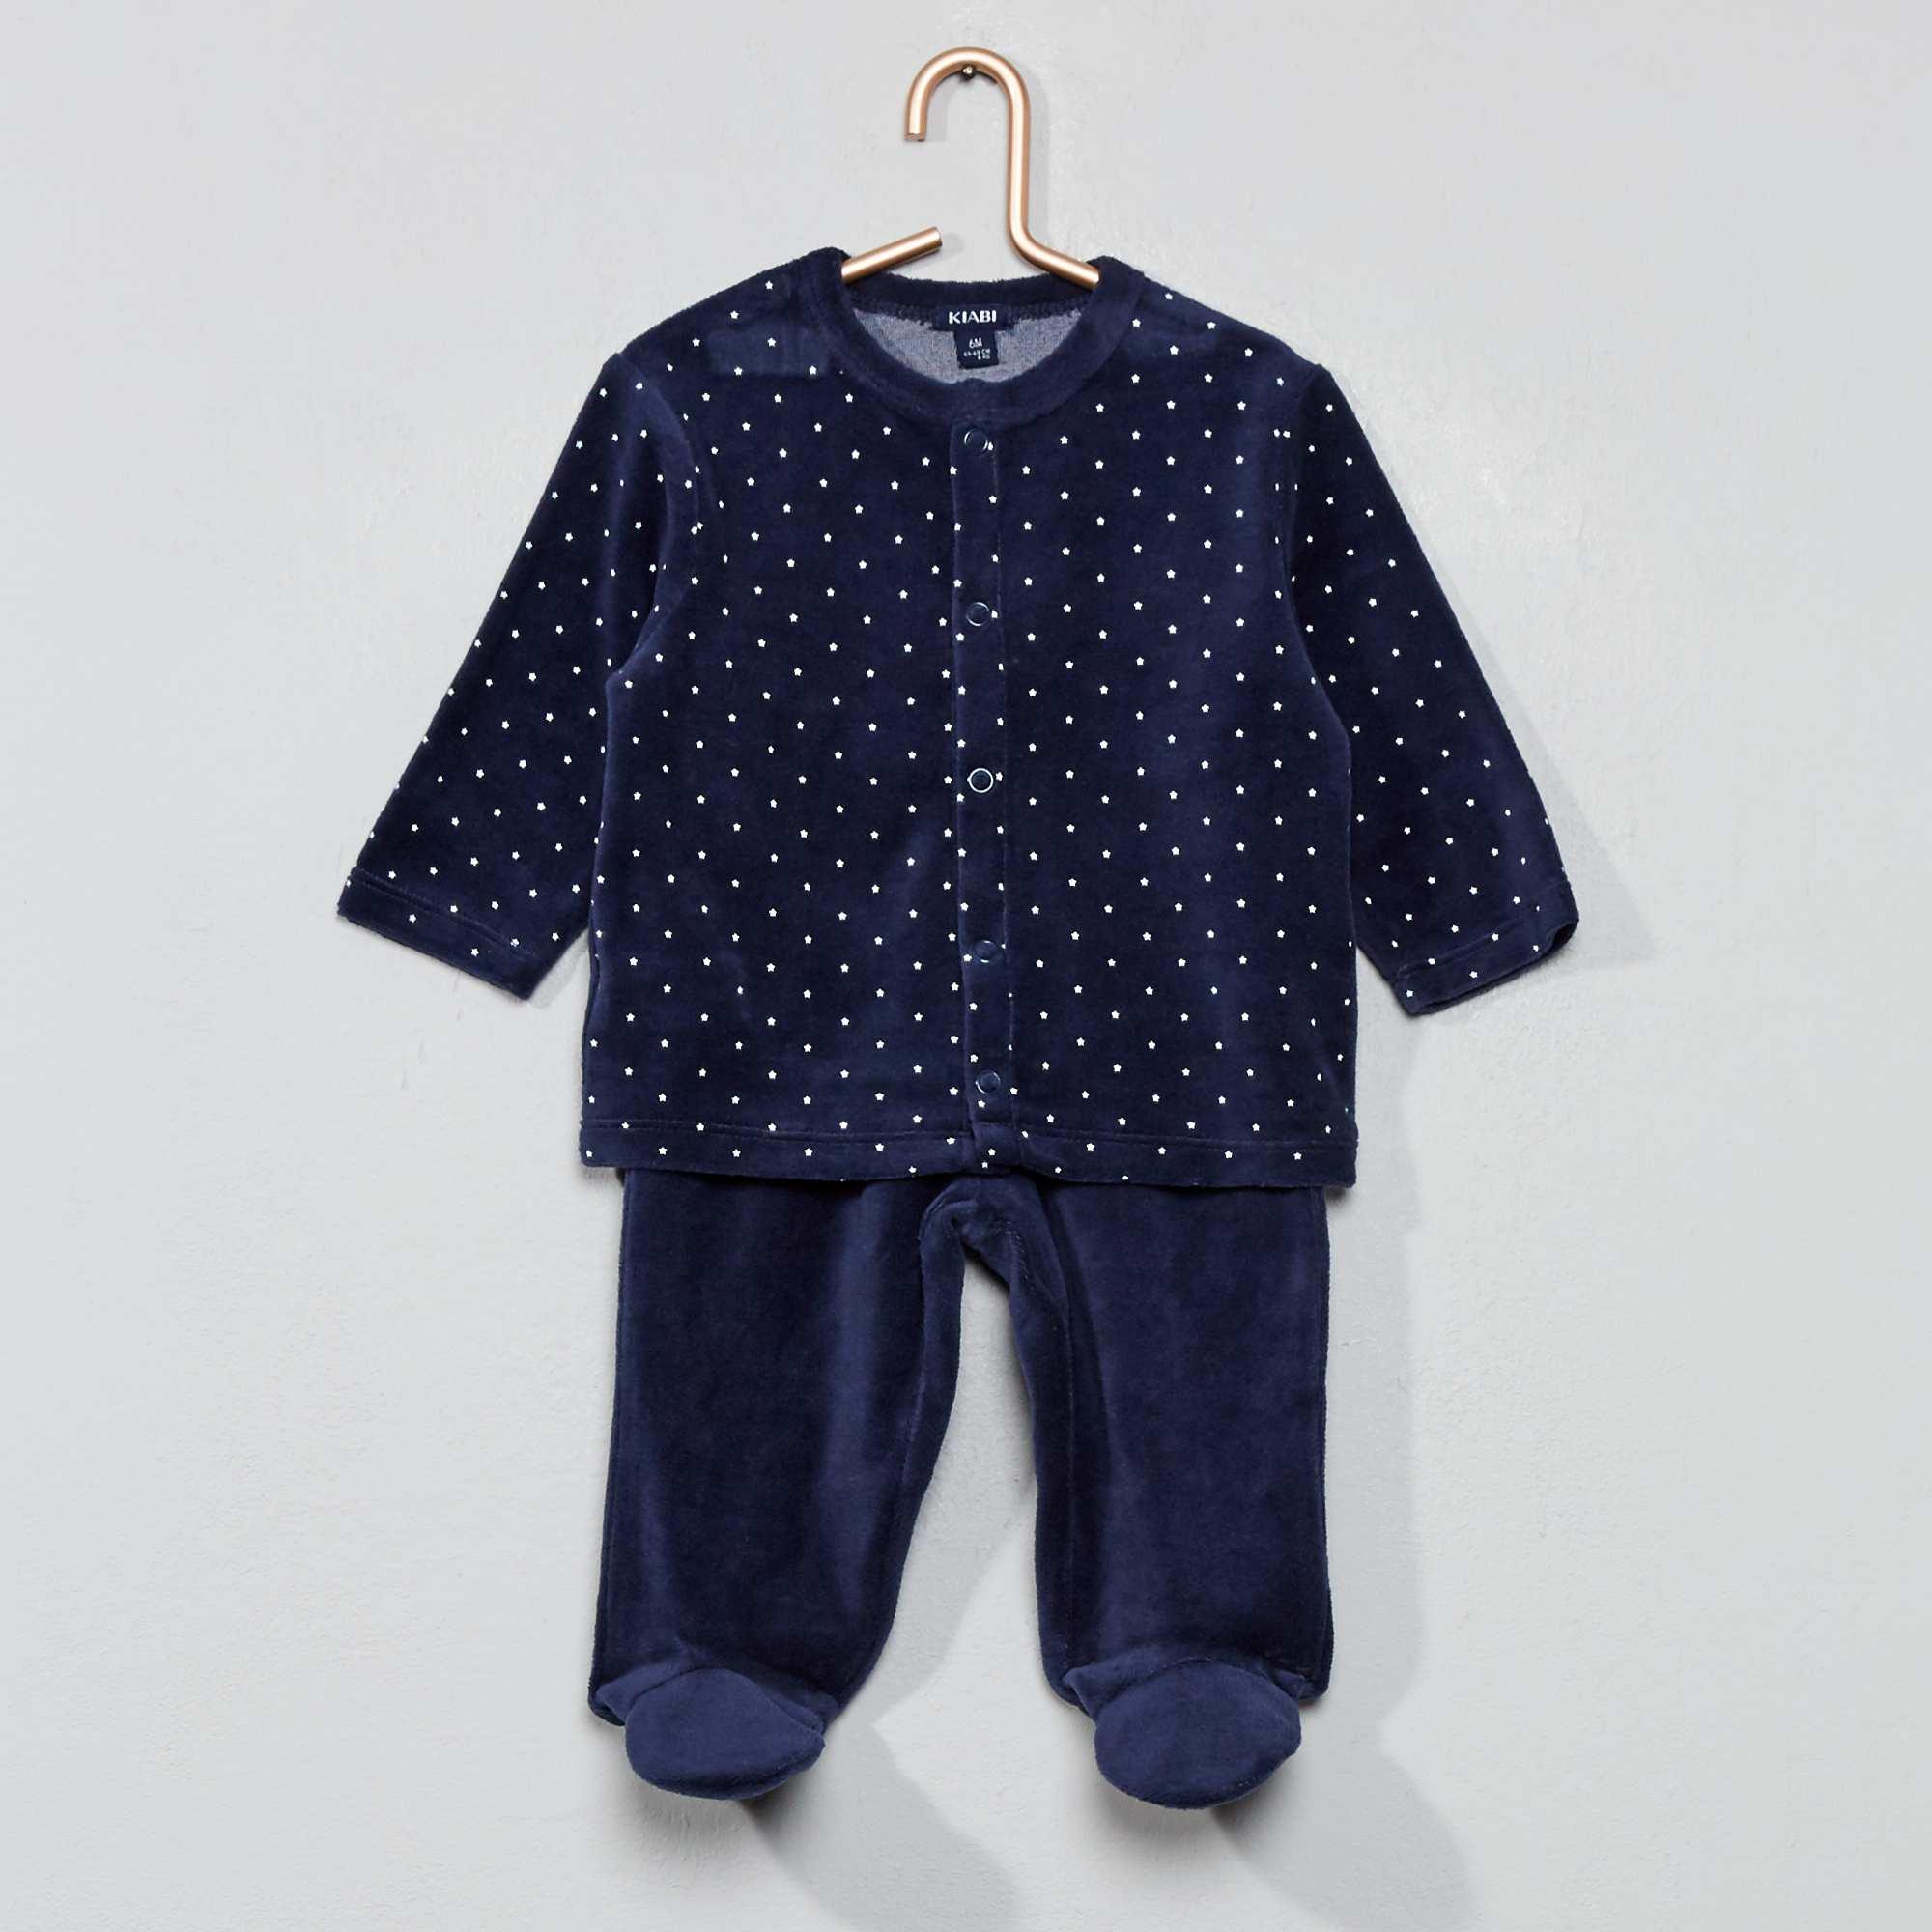 c281435f62d6c Pyjama velours coton bio Bébé garçon - bleu marine - Kiabi - 9